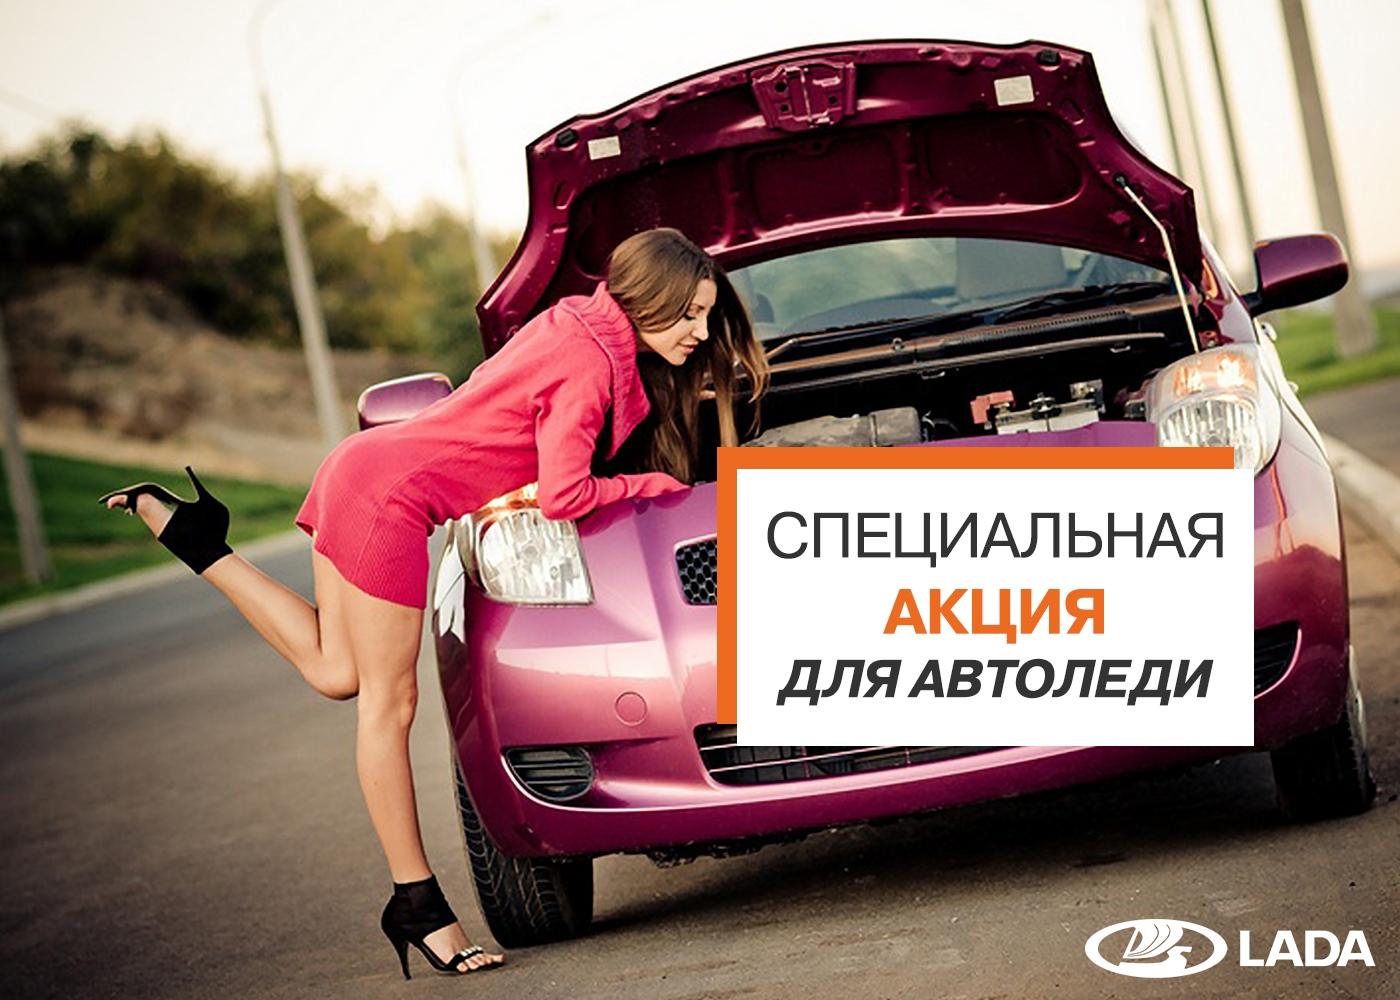 Специальная акция для автоледи